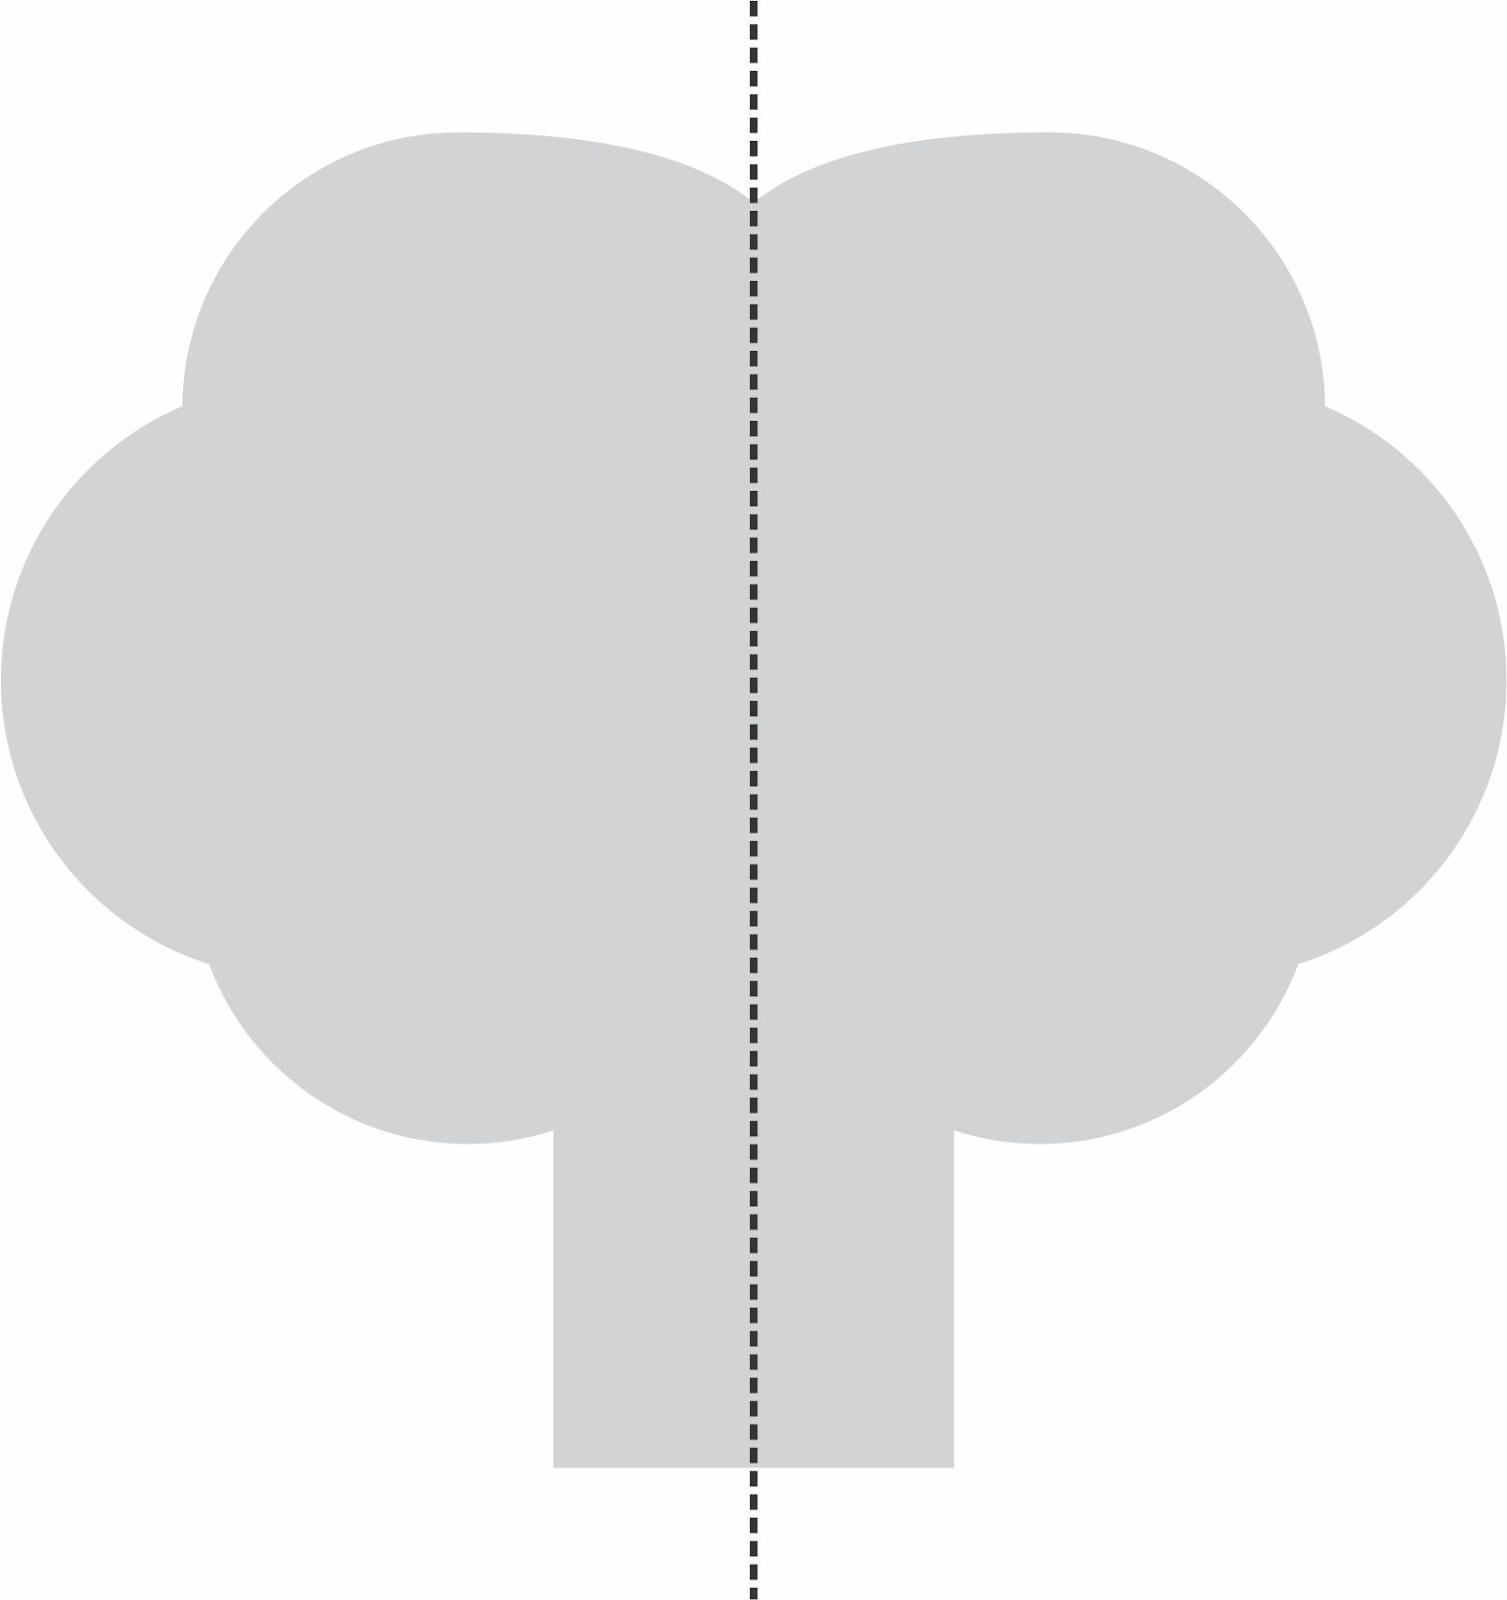 66 Koleksi Gambar Desain Asimetris Adalah HD Paling Keren Download Gratis